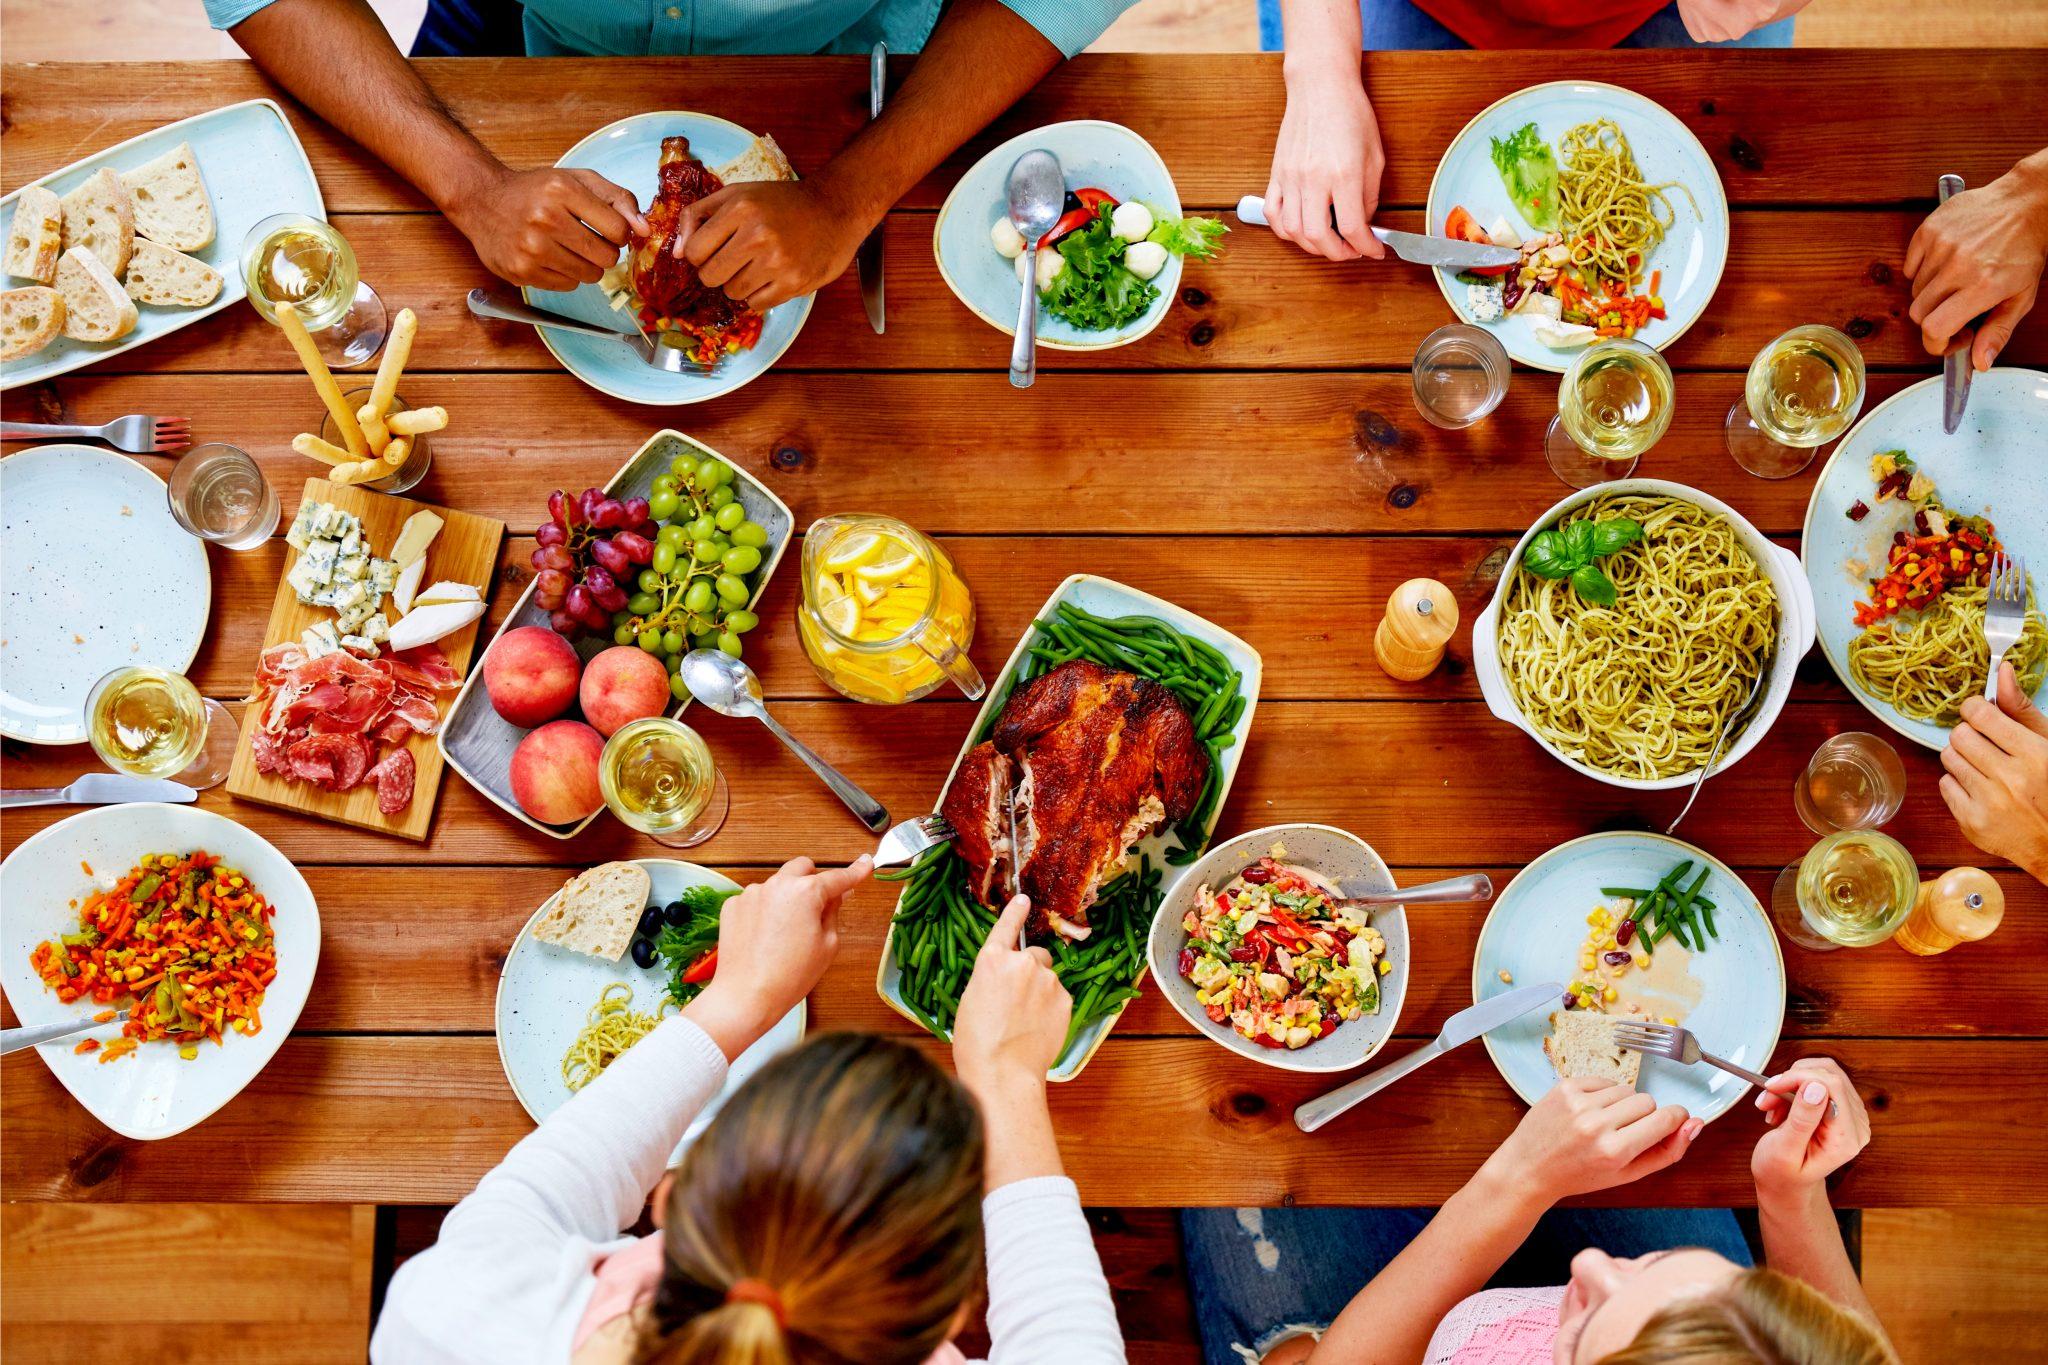 みんなで食事をしている風景